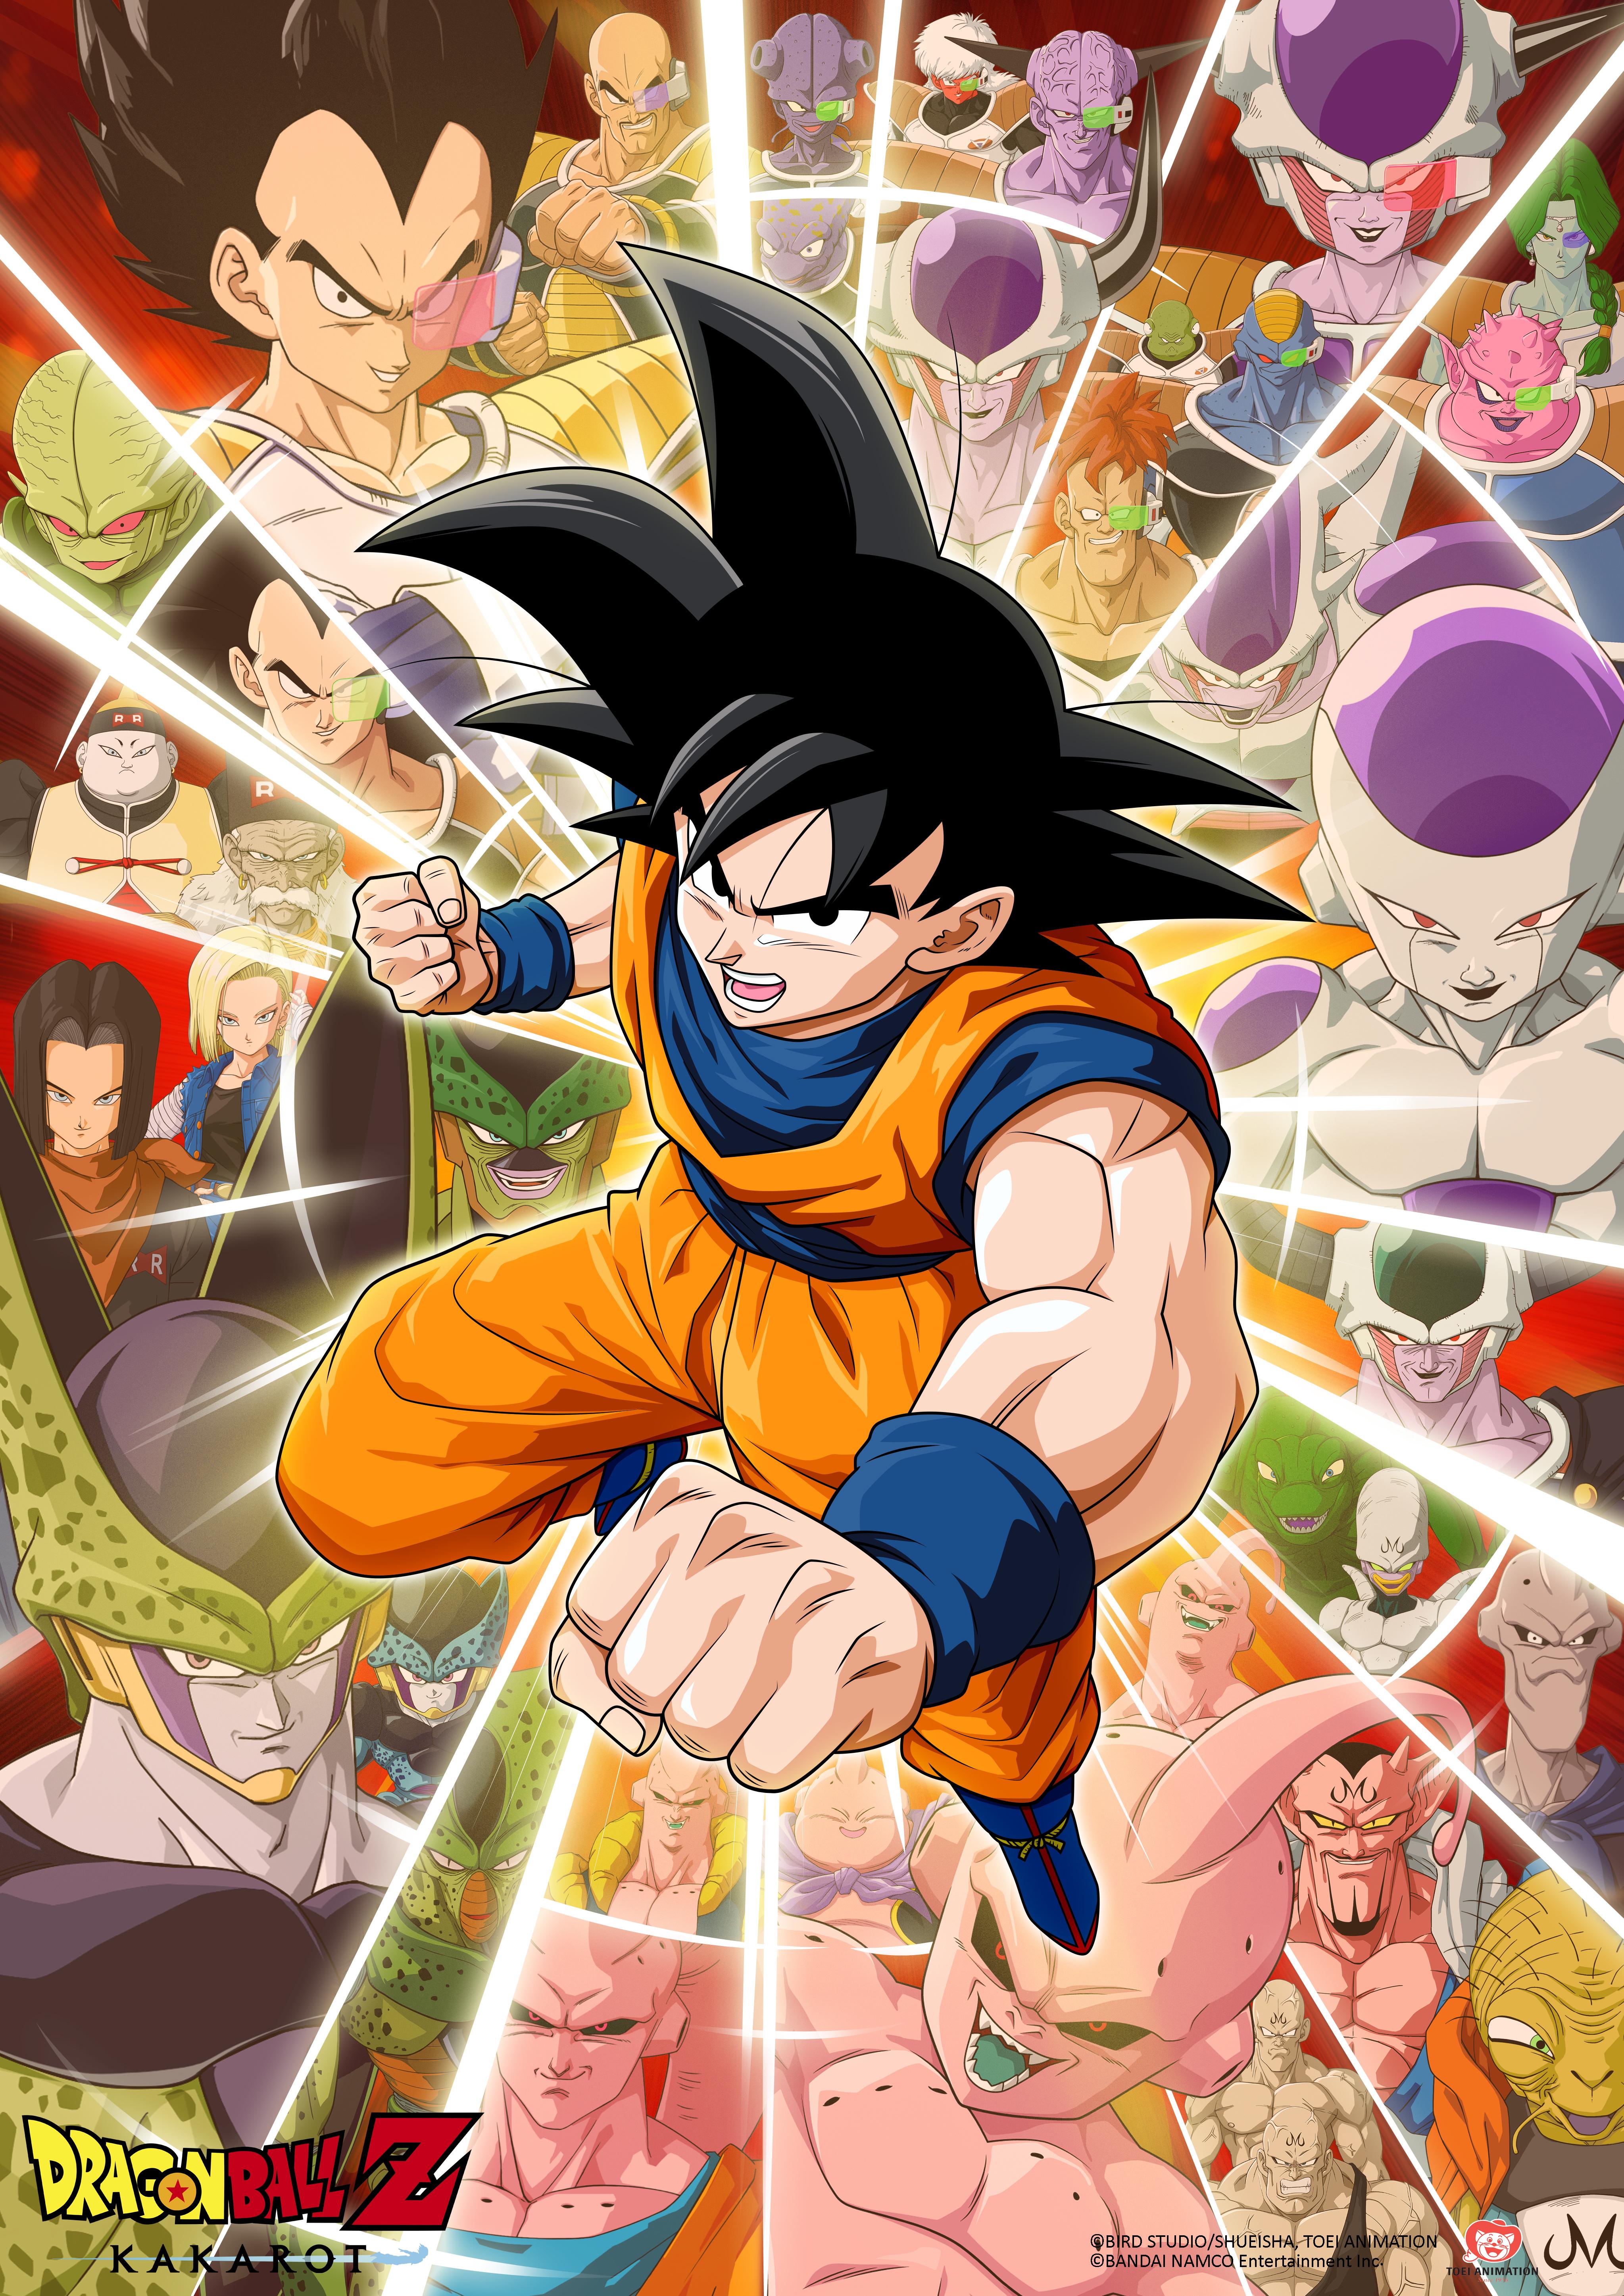 Dragon Ball Z Kakarot Lets You Summon Shenron